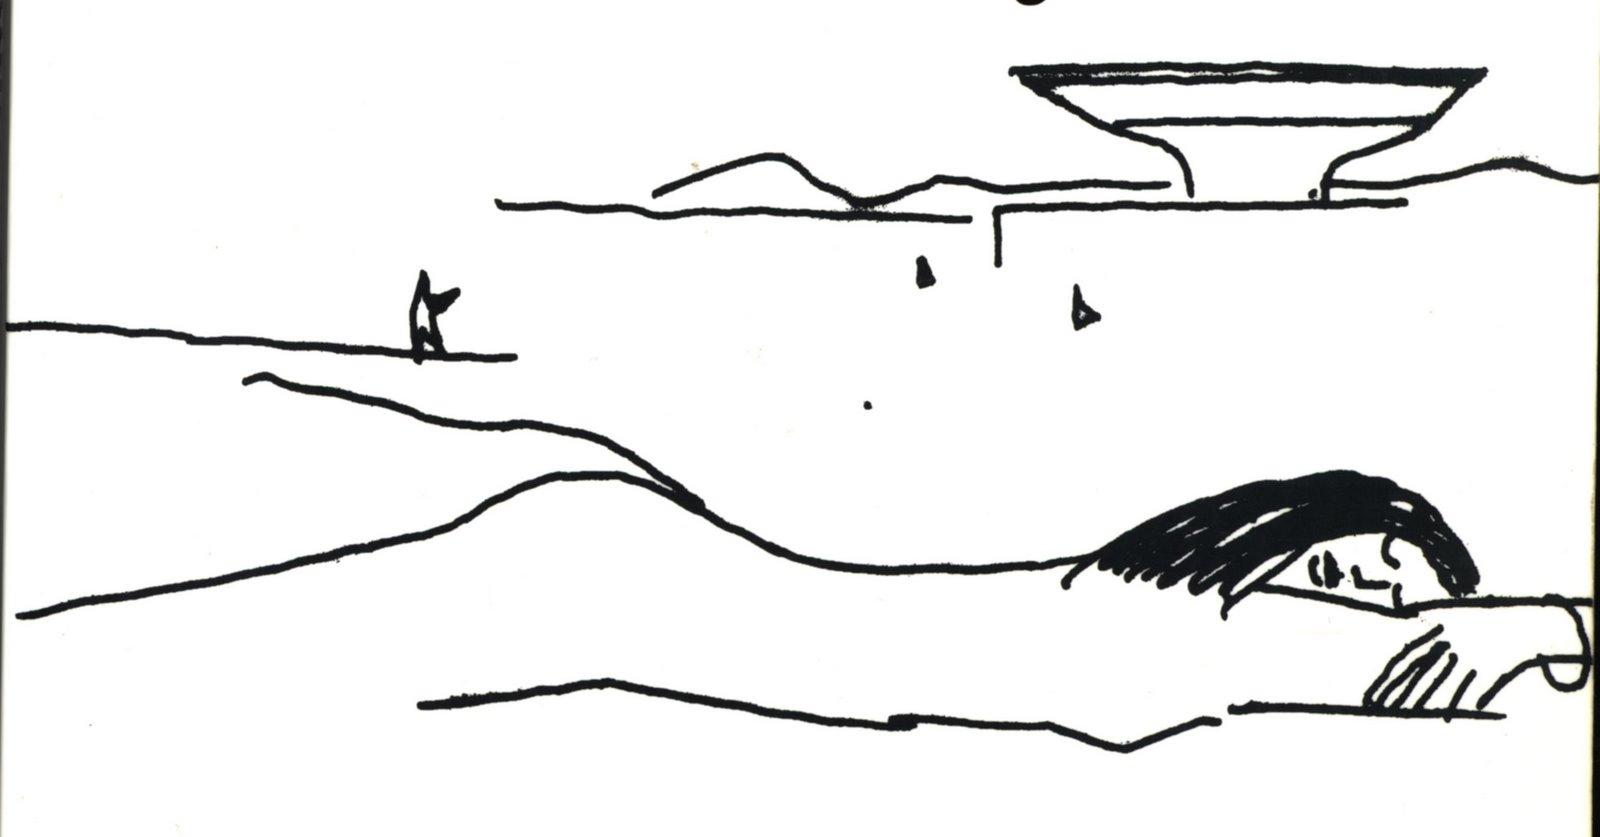 O desenho de Niemeyer, em nanquim sobre papel branco, mostra a silhueta de uma mulher nua, deitada de bruços, com a cabeça sobre os braços, os olhos fechados, o cabelo preto sobre seus ombros. Logo acima dela, no lado direito, o contorno de uma pessoa que parece apontar para o Museu de Arte Contemporânea de Niterói, construção em forma de prato ou de disco voador, com montanhas ao fundo, no lado superior direito.